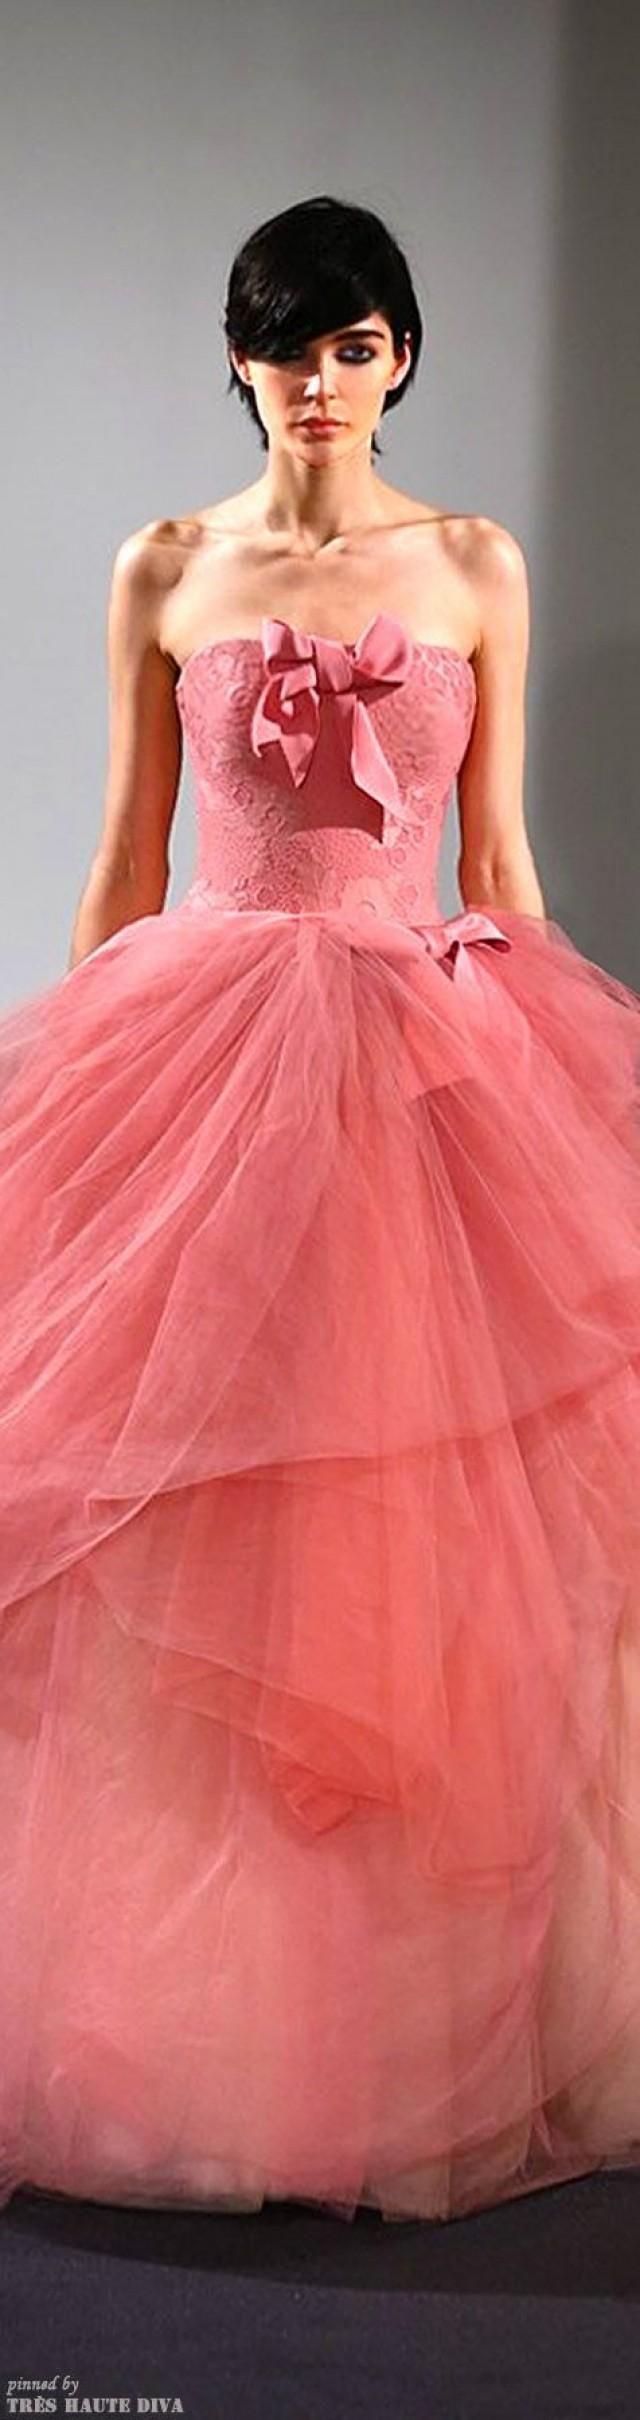 305 mejores imágenes sobre Coral en Pinterest | Alta costura ...